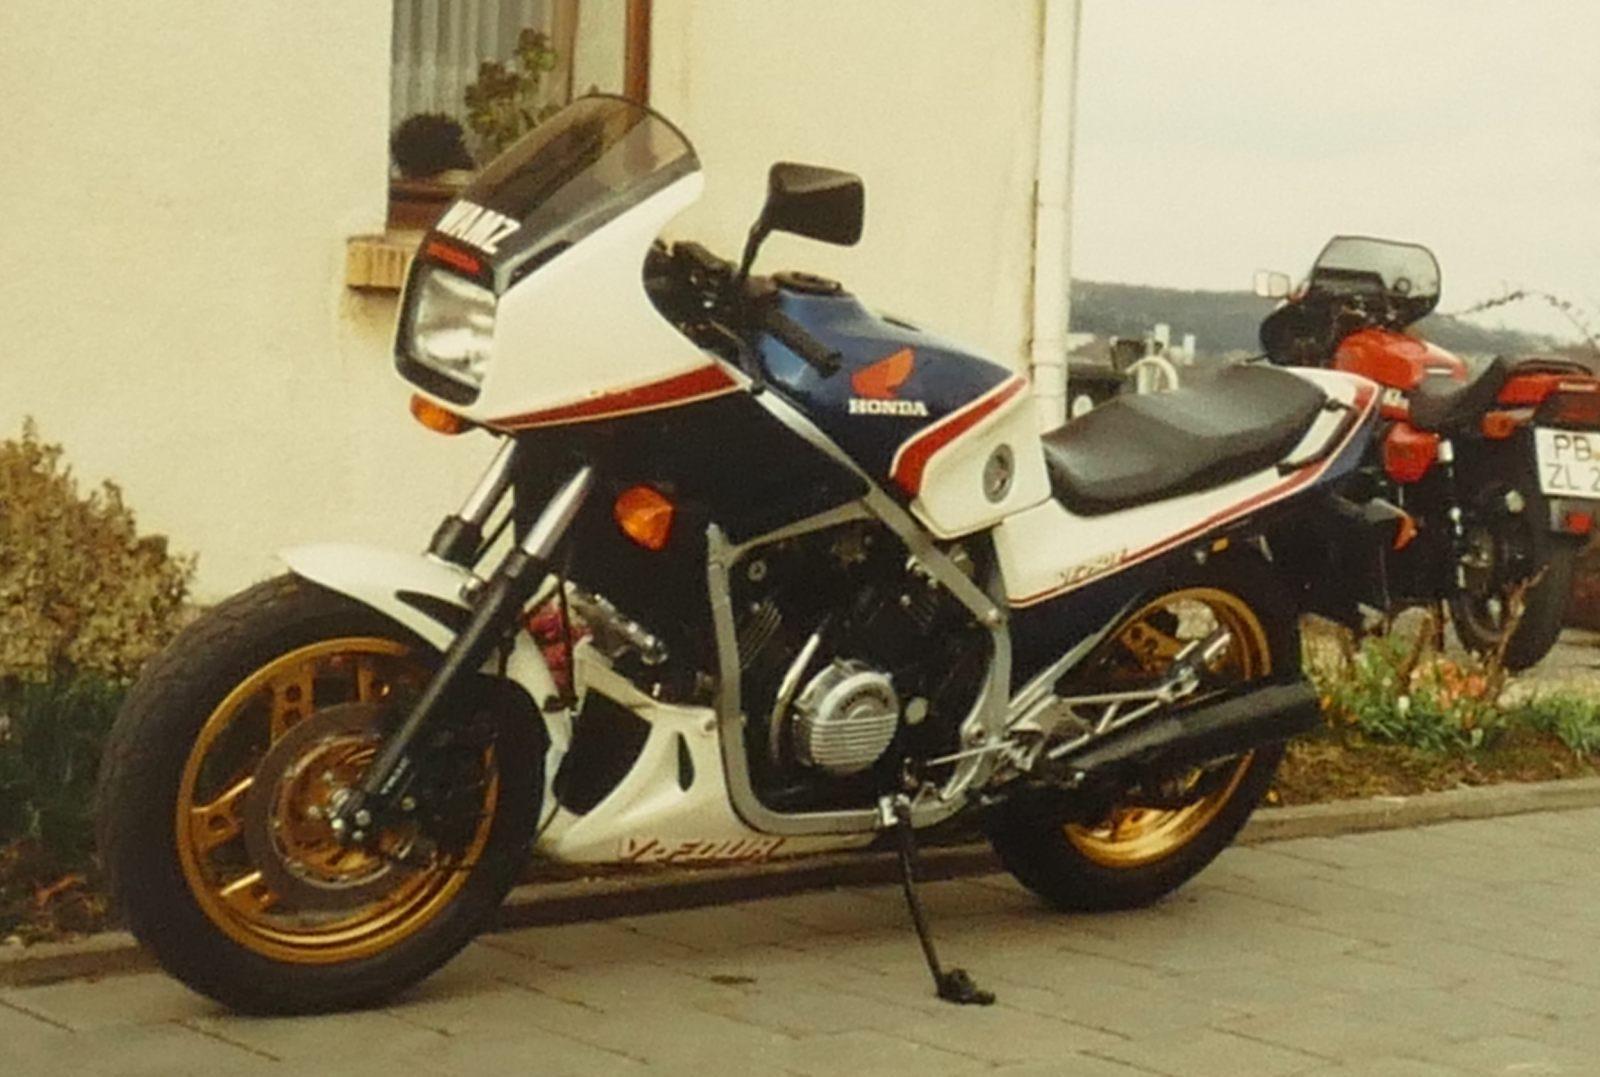 1983 Honda VF750F_1600b